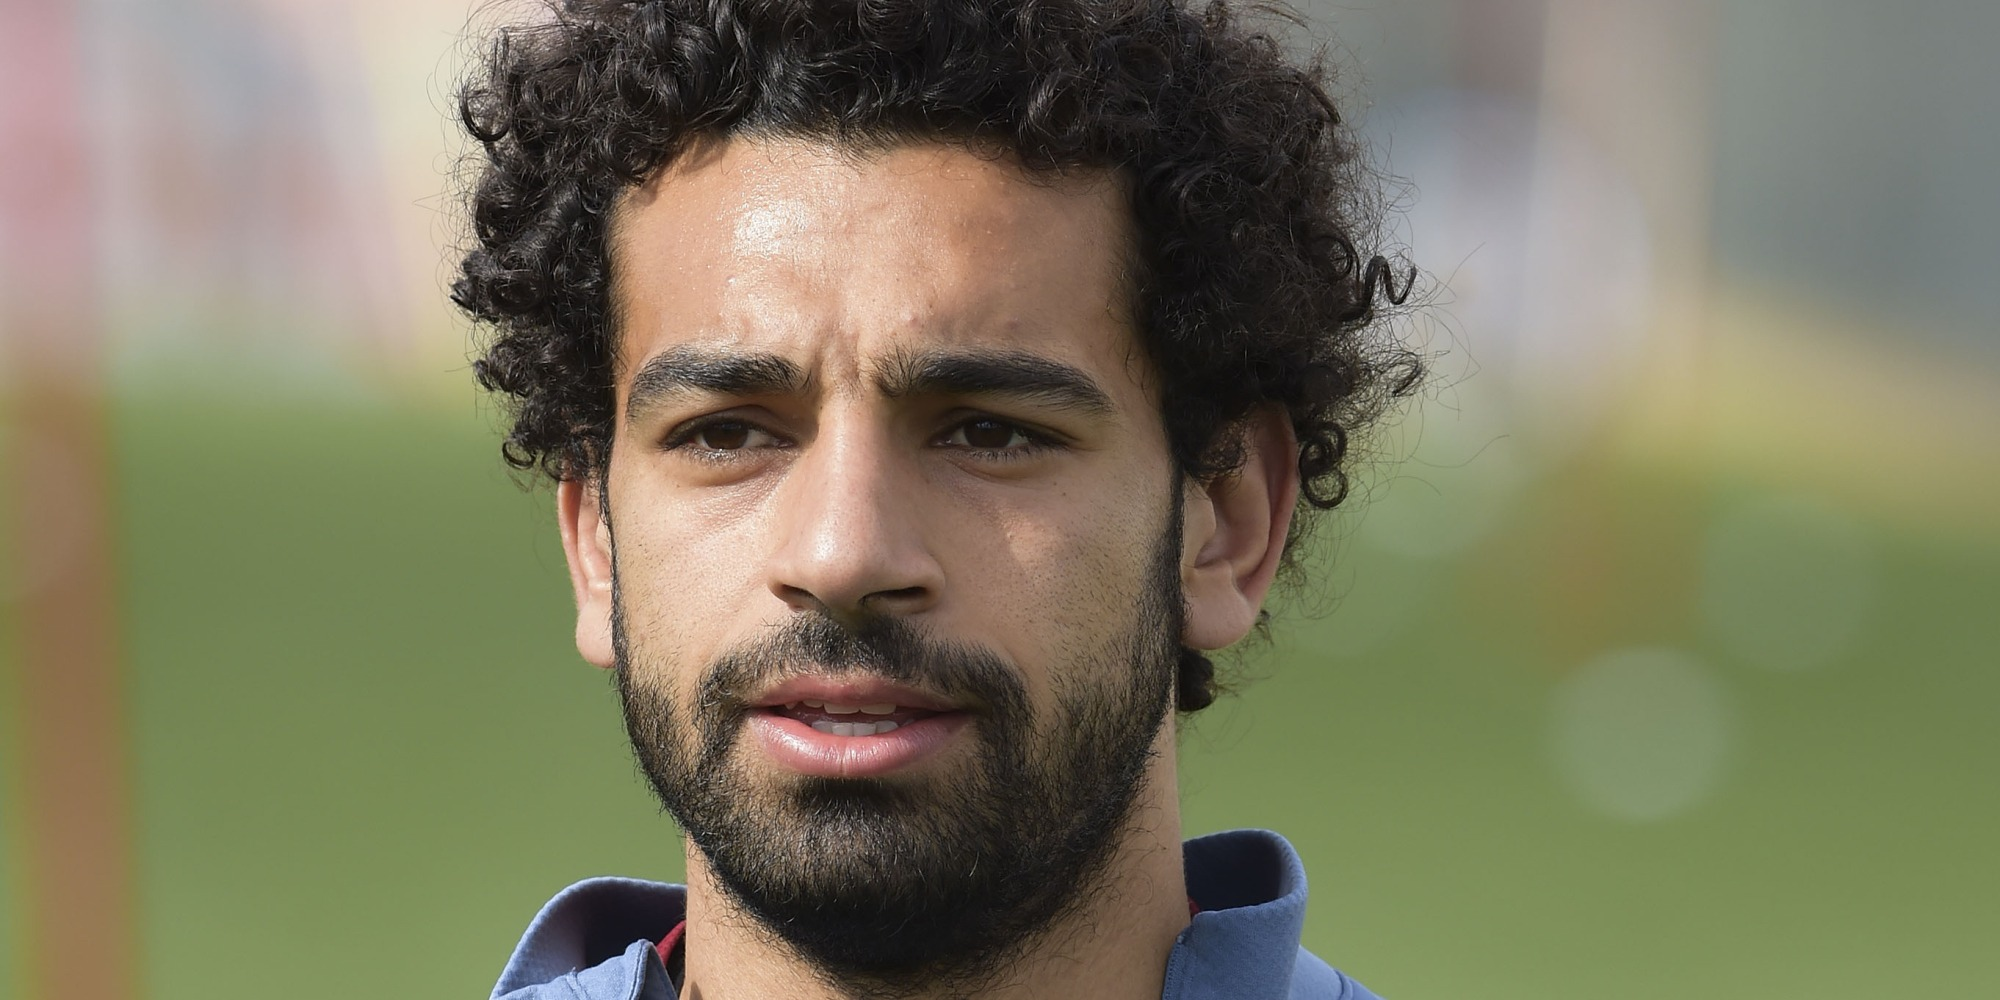 http://shbabbek.com/upload/الخميس.. محمد صلاح يجري الكشف الطبي في «ليفربول»